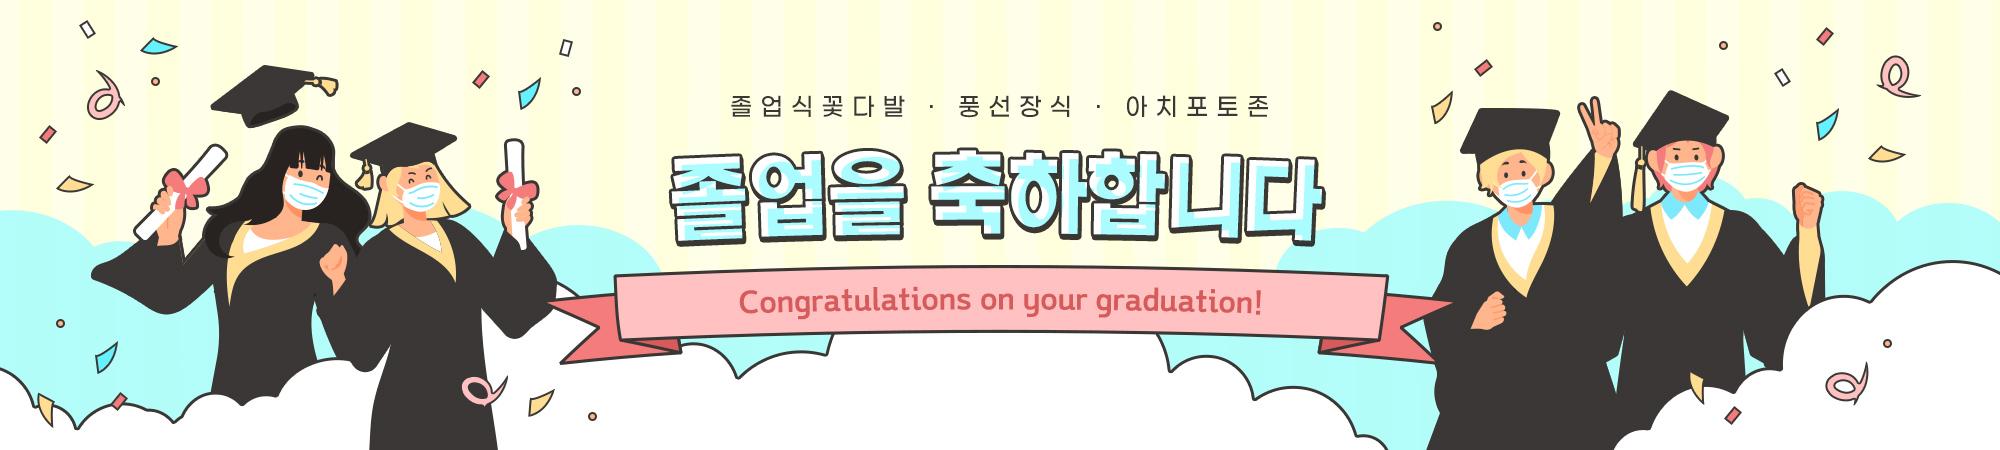 졸업식 축하행사